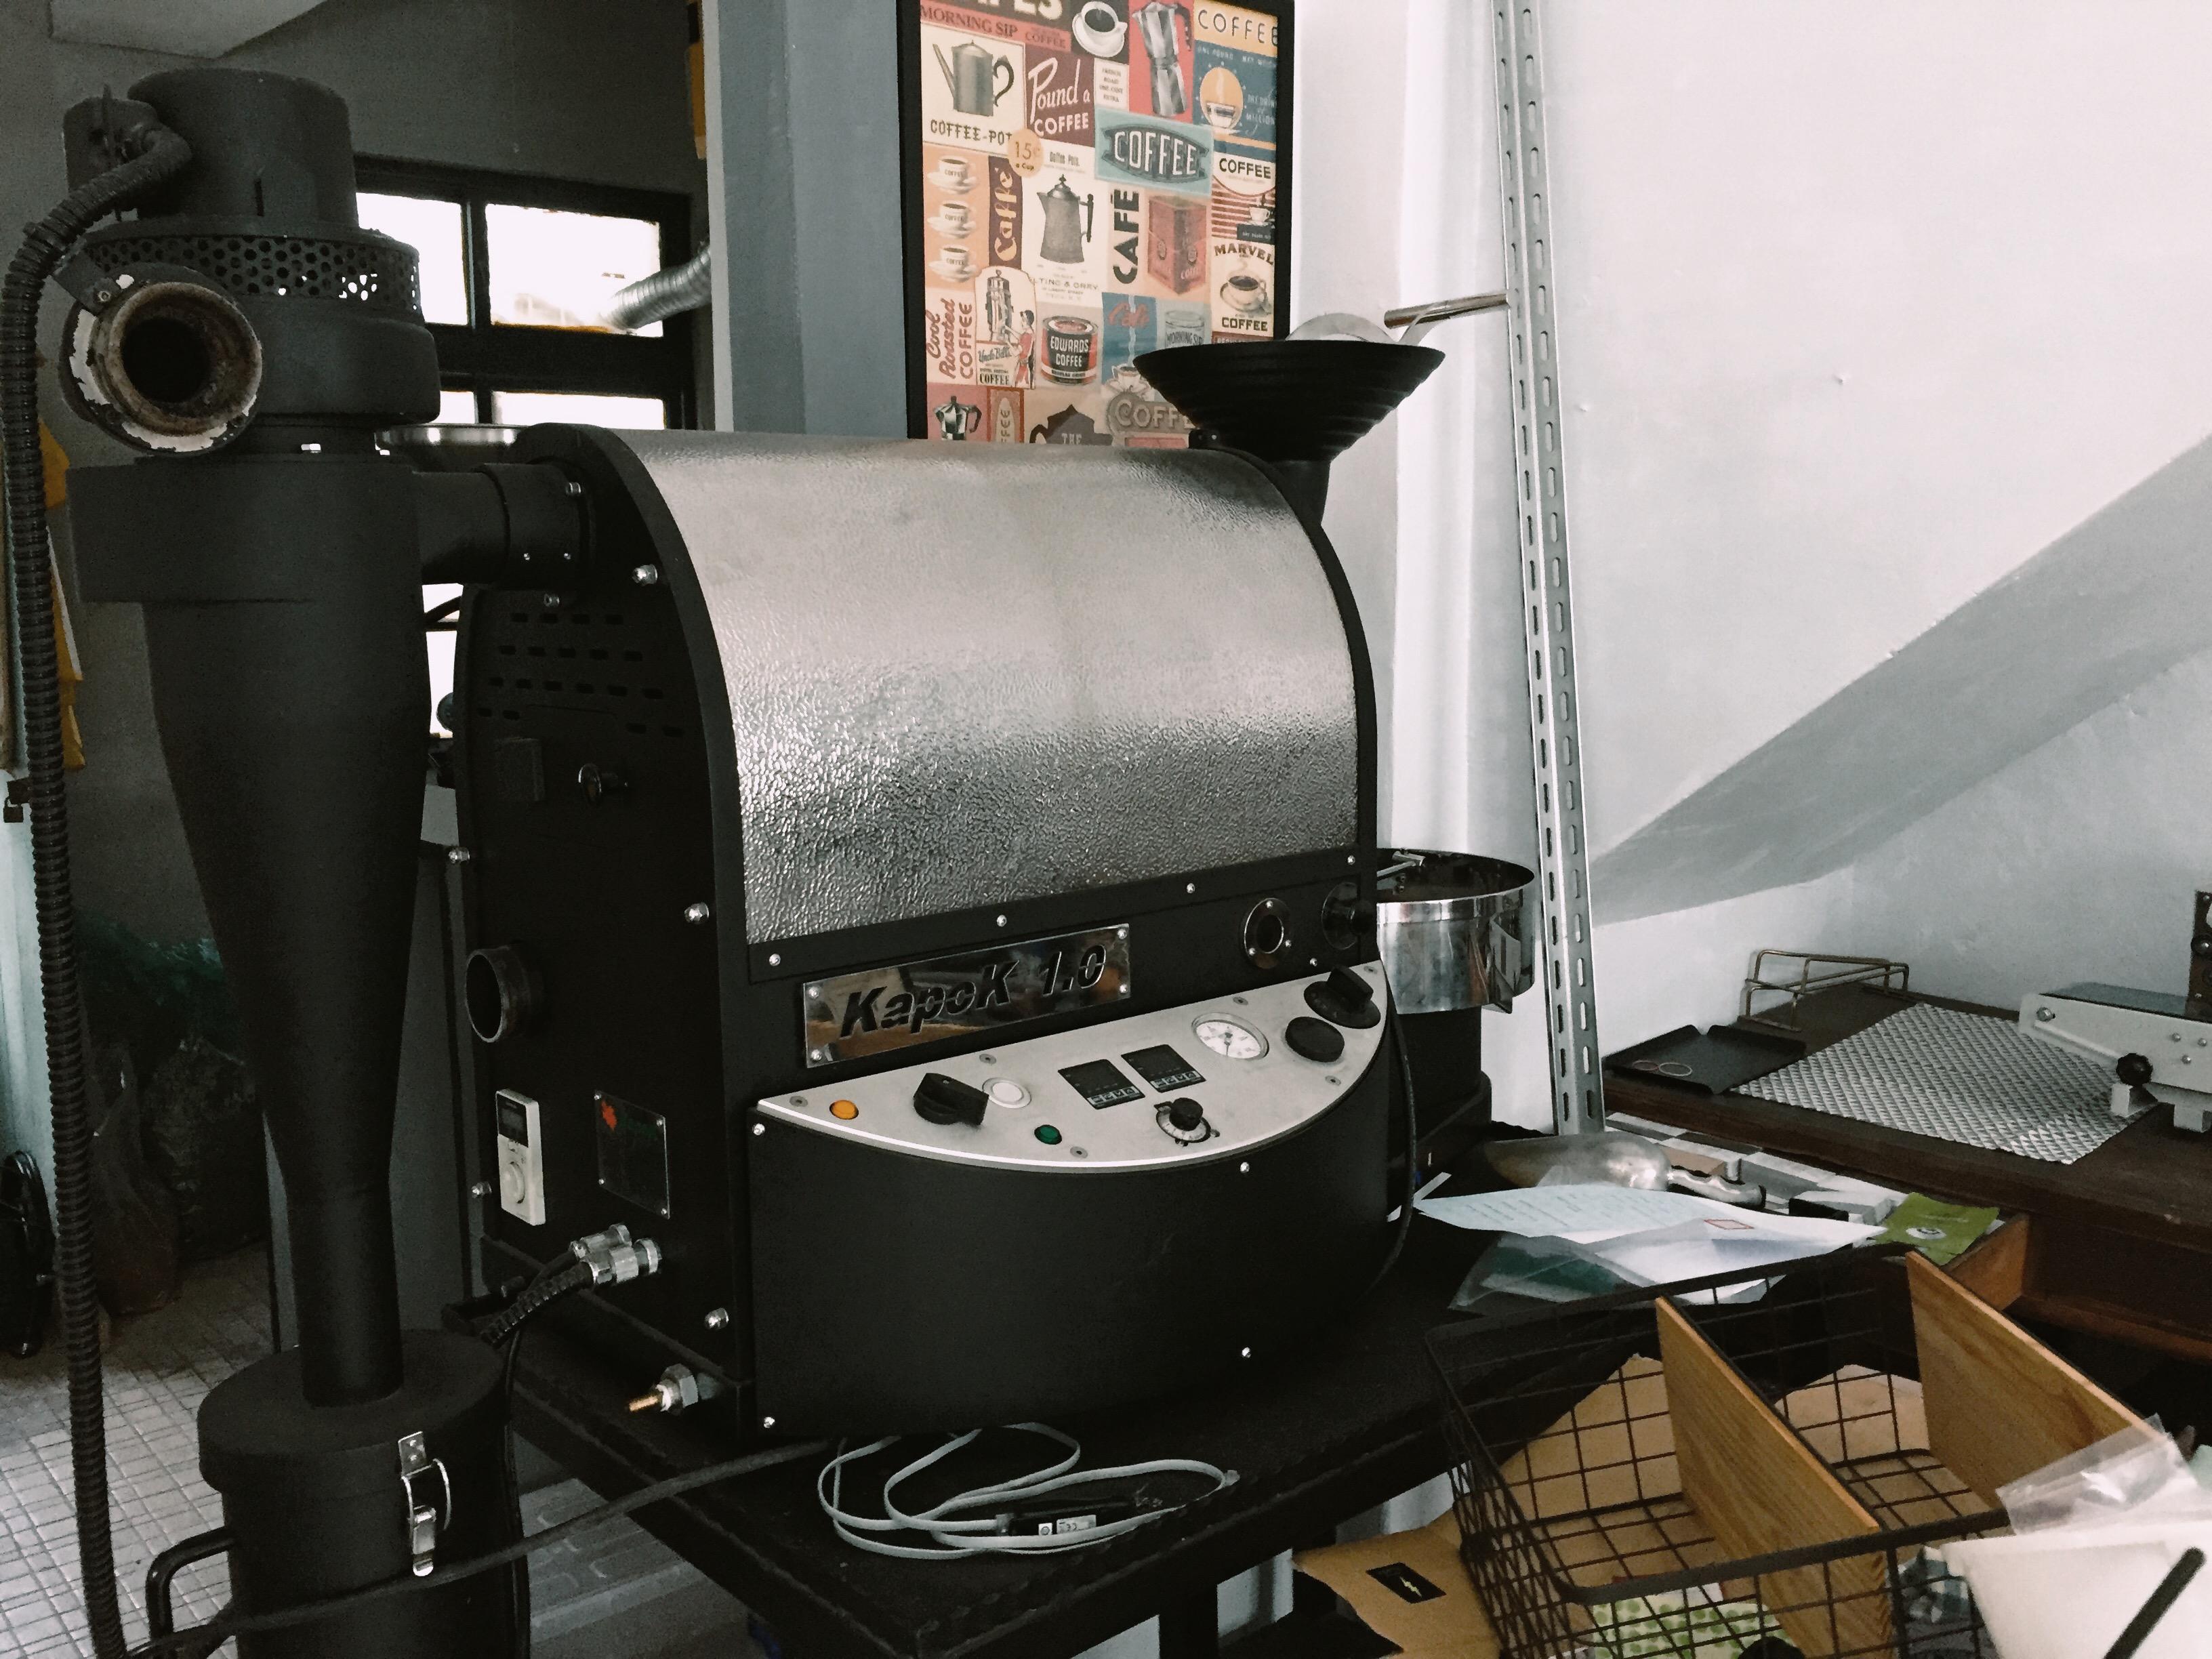 Coffee Flash 快閃咖啡的烘豆機